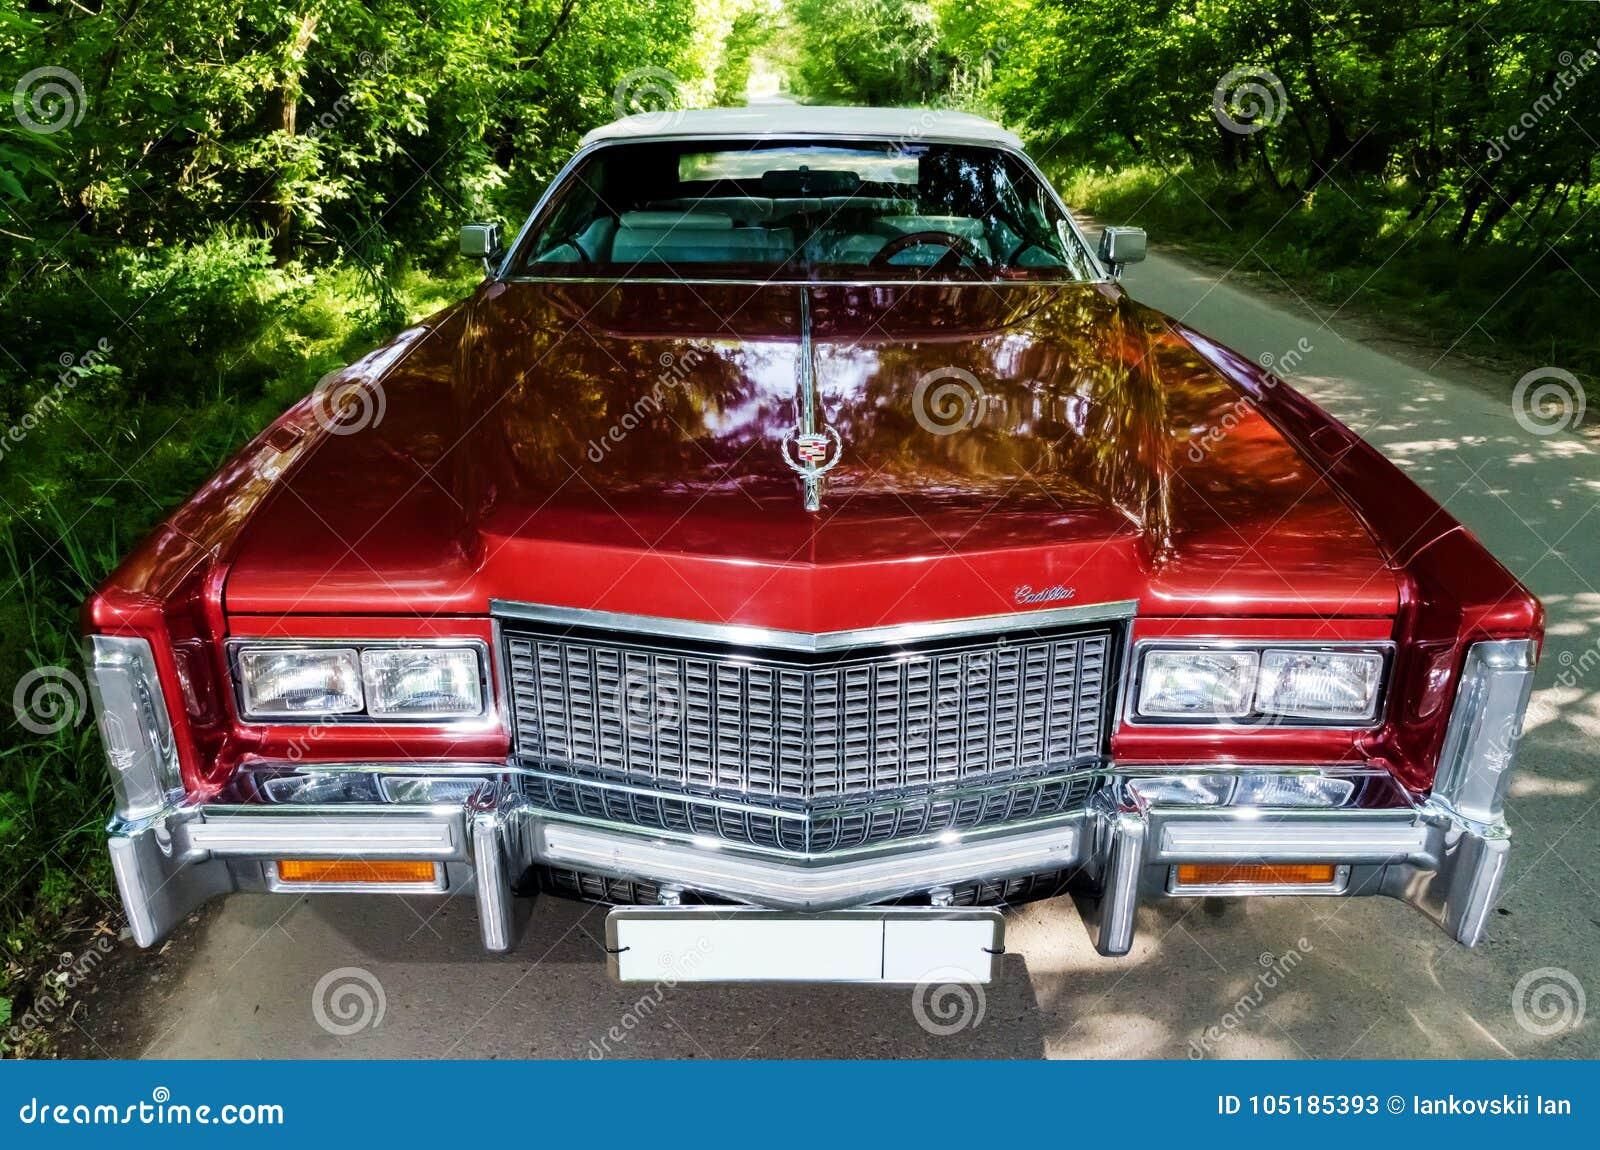 NEVINOMYSSC ROSJA, MAJ, - 13, 2016: Samochody Offsite fotografia starzy Amerykańscy samochody Cadillac Eldorado kabriolet